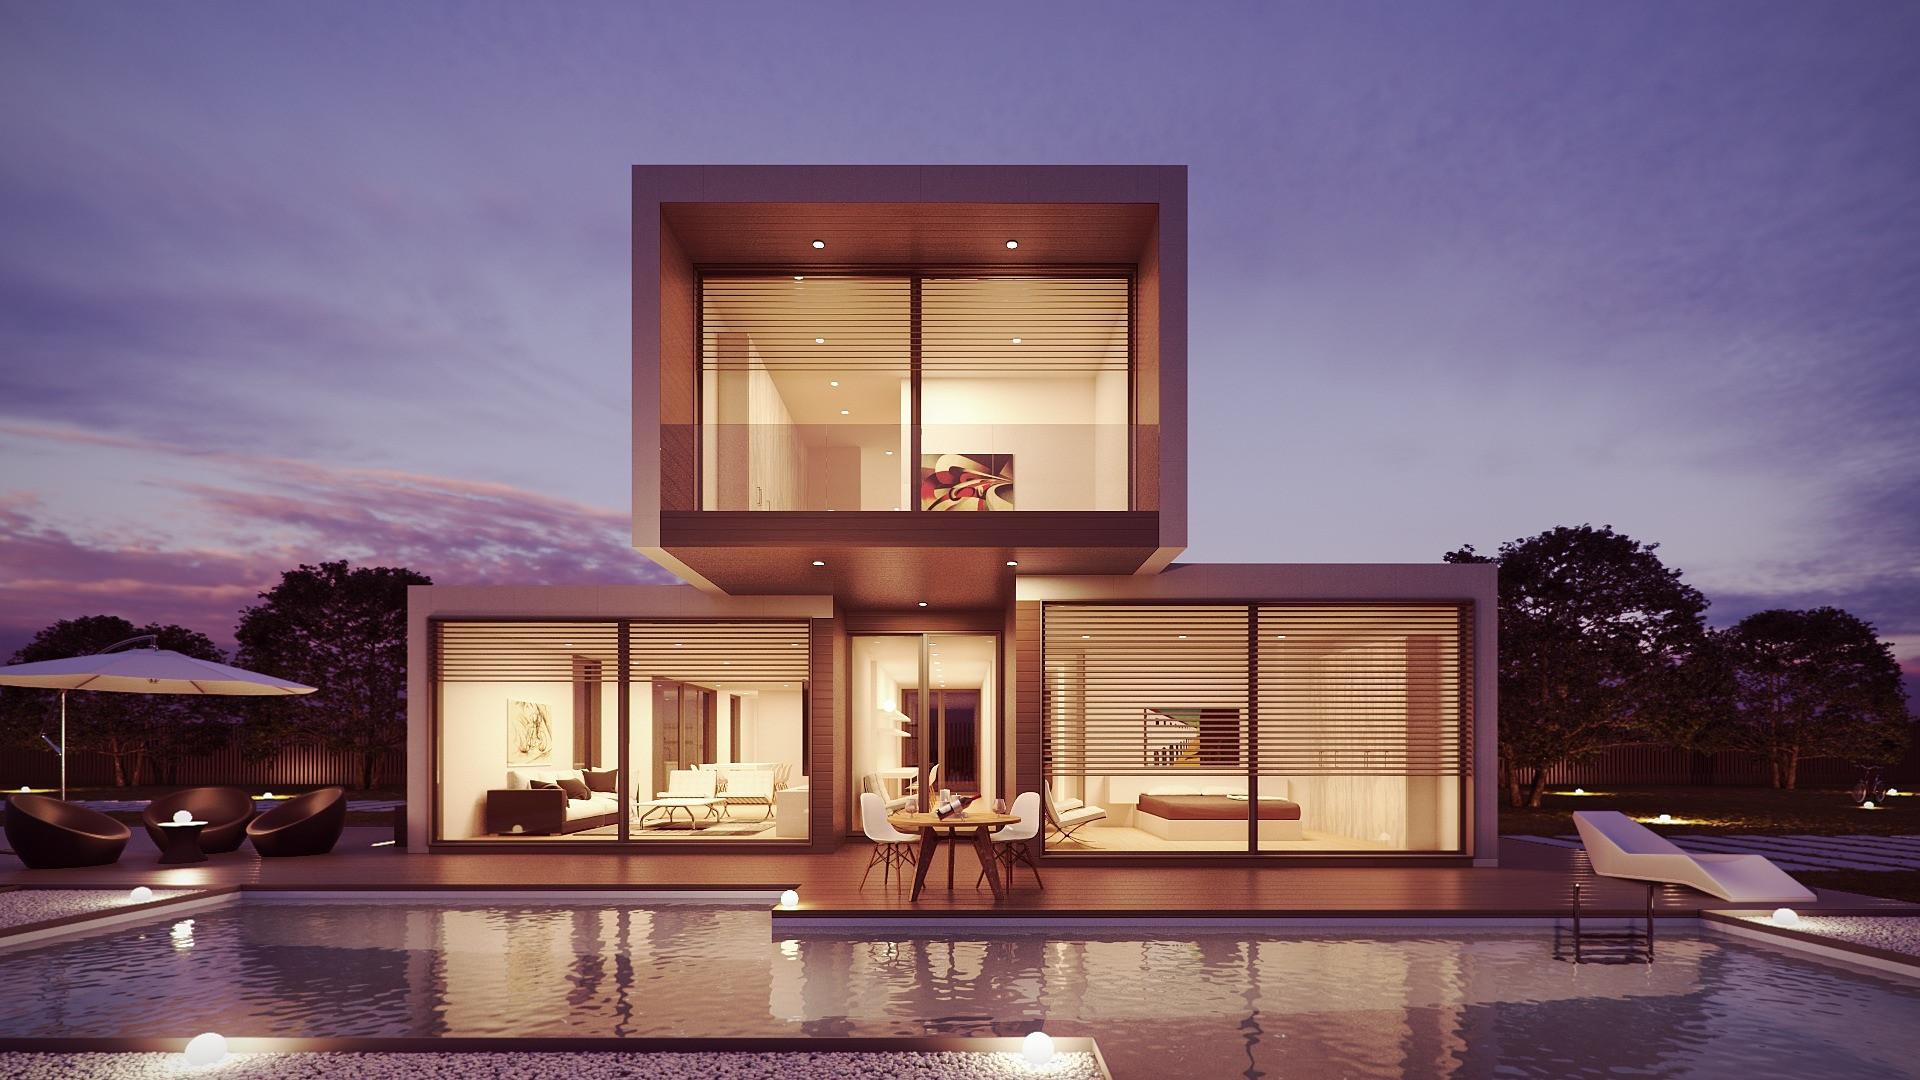 Décorez votre maison avec goût et surtout avec un petit budget